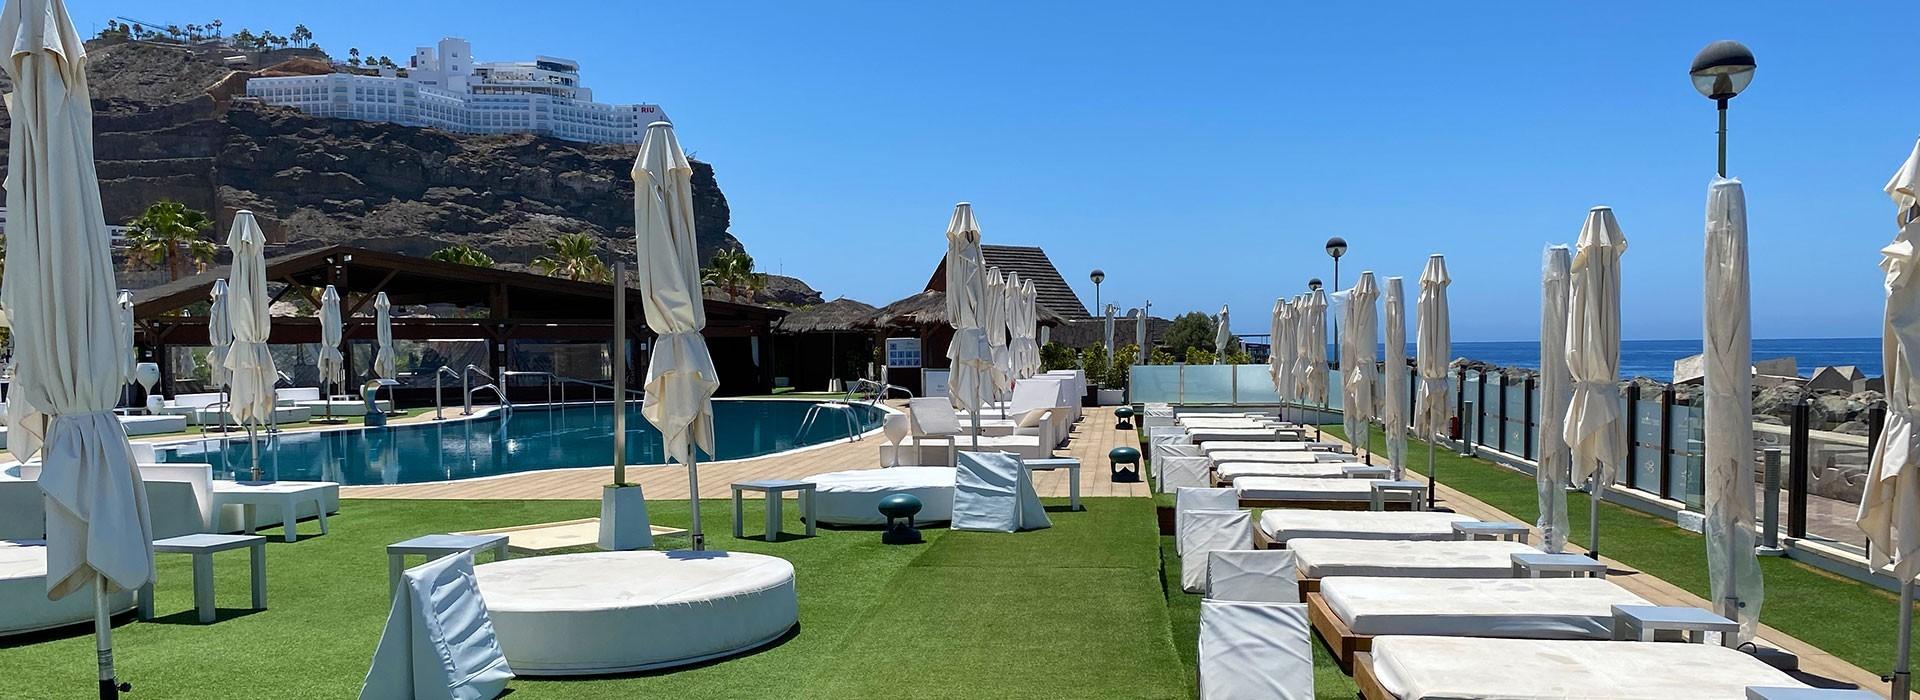 Gran Canaria ▸ Experiencias